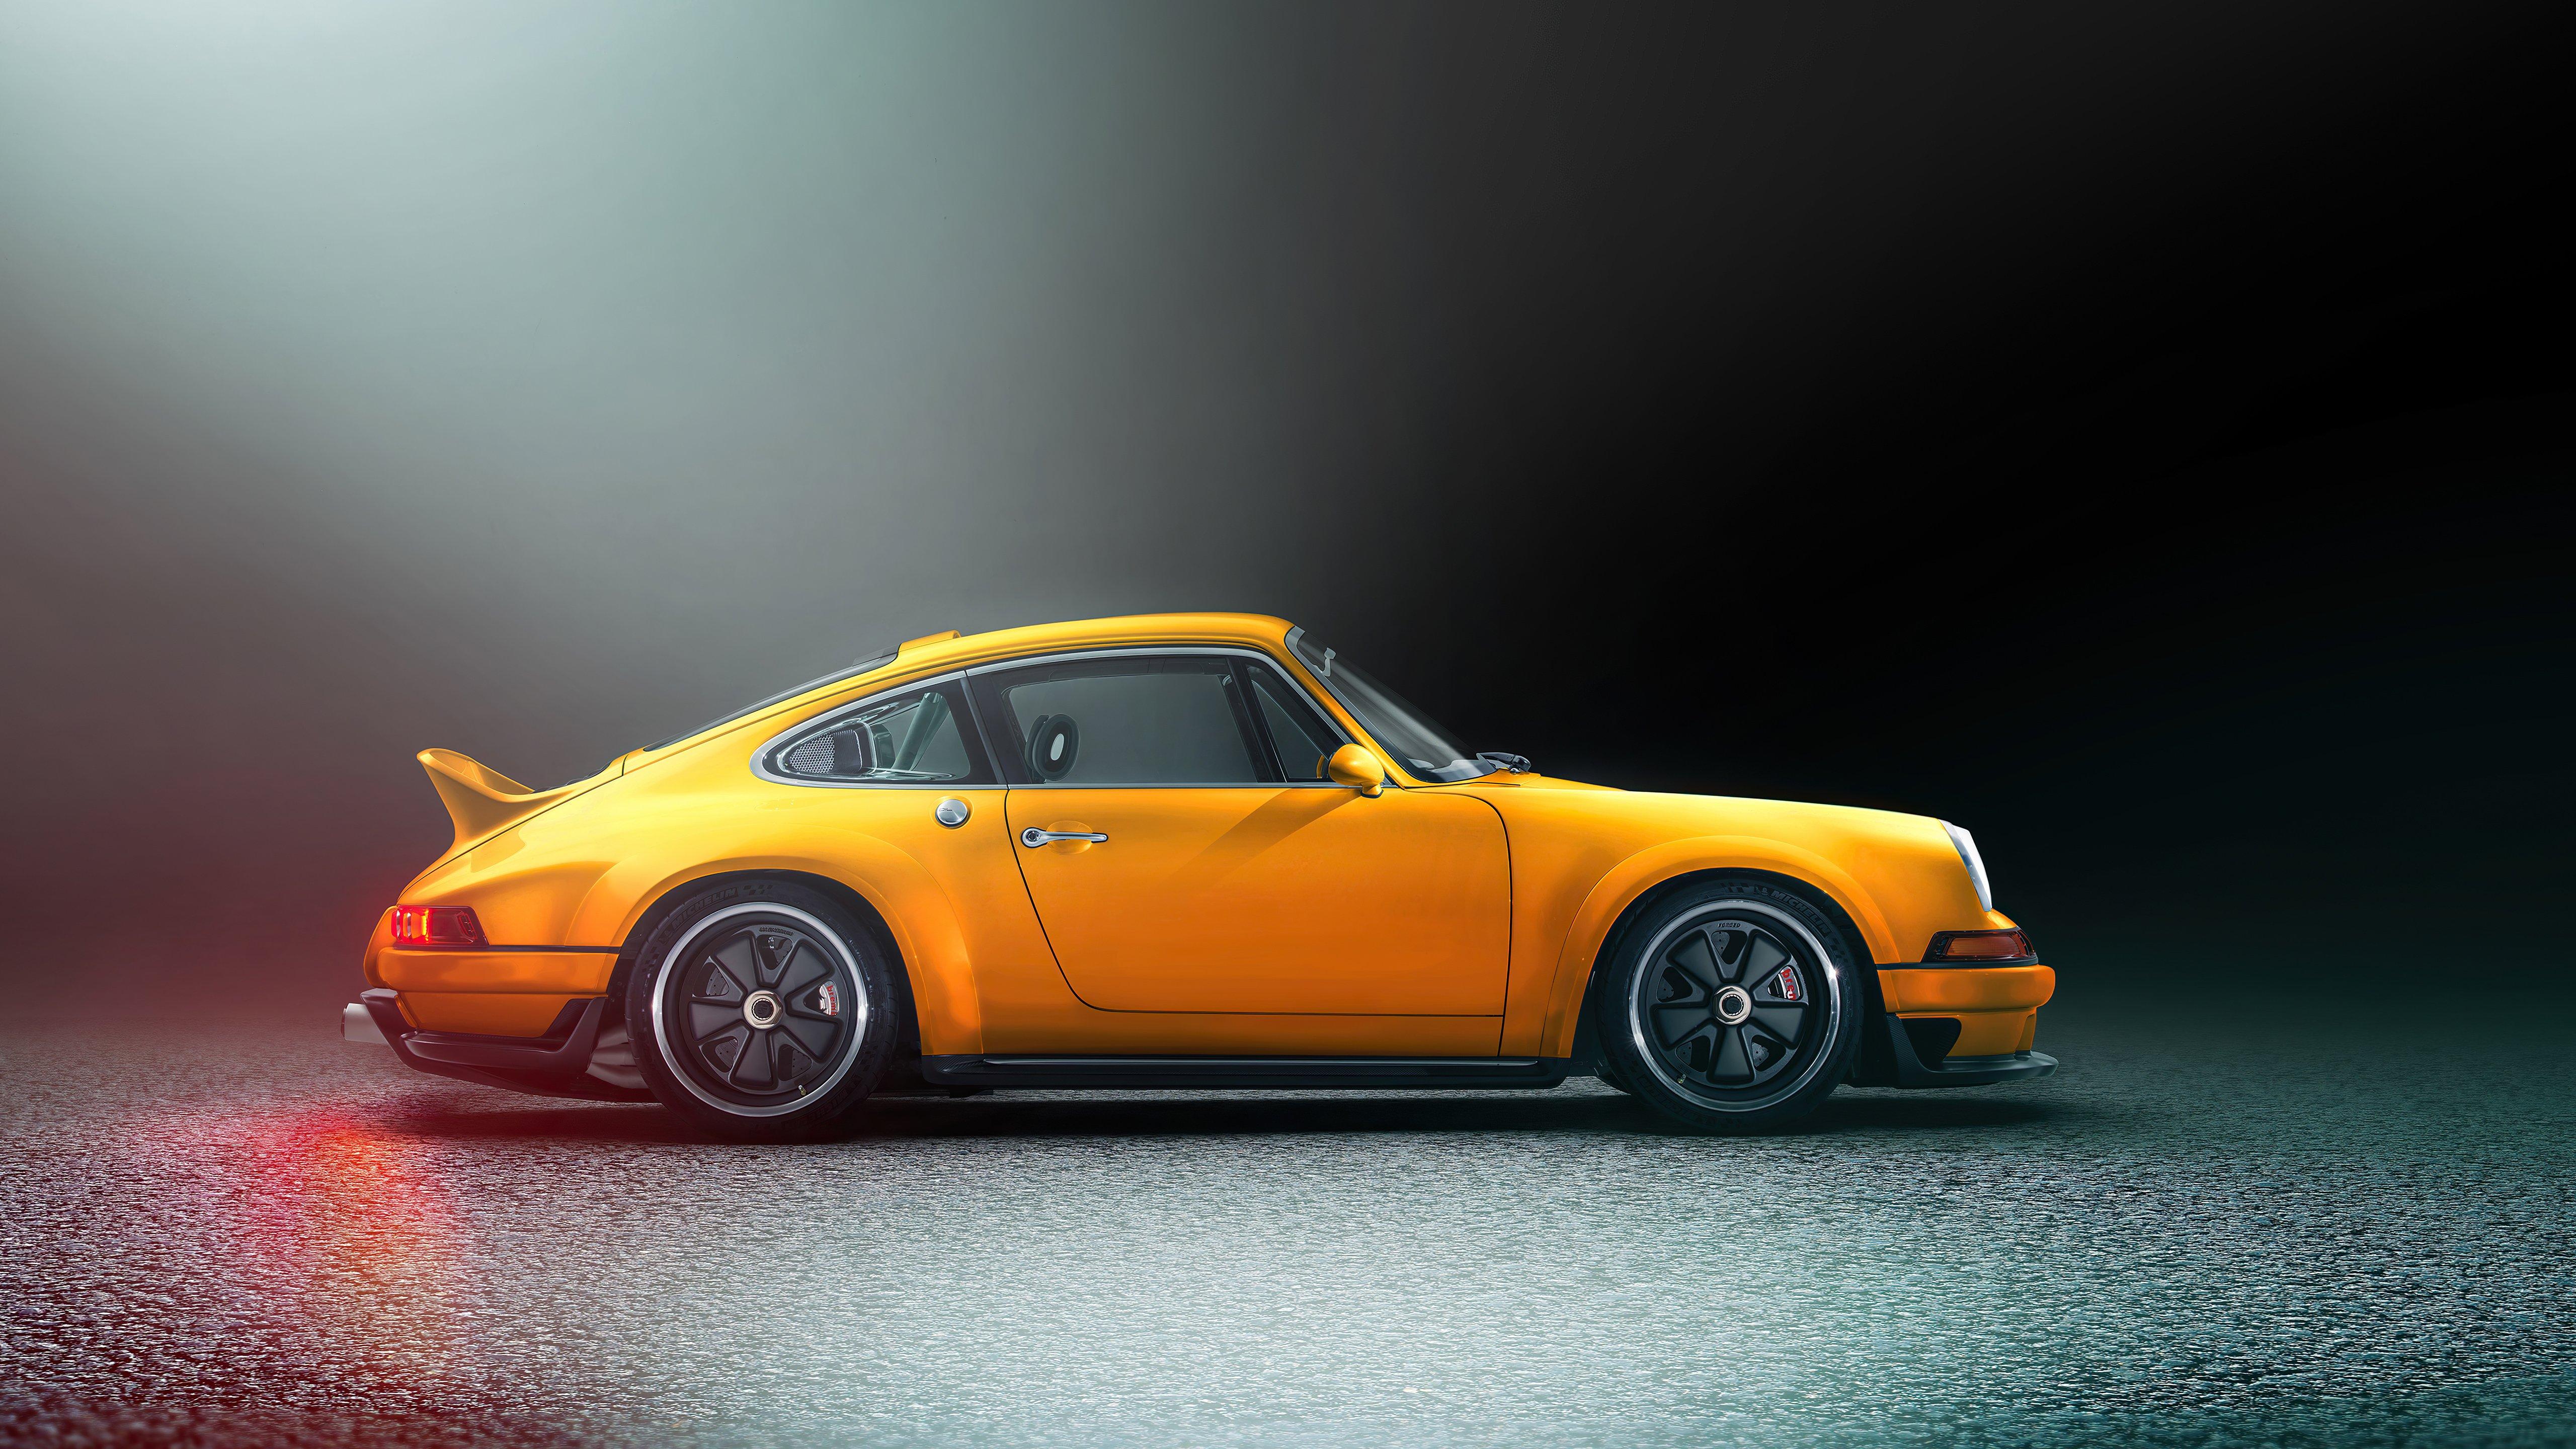 Wallpaper Porsche Singer